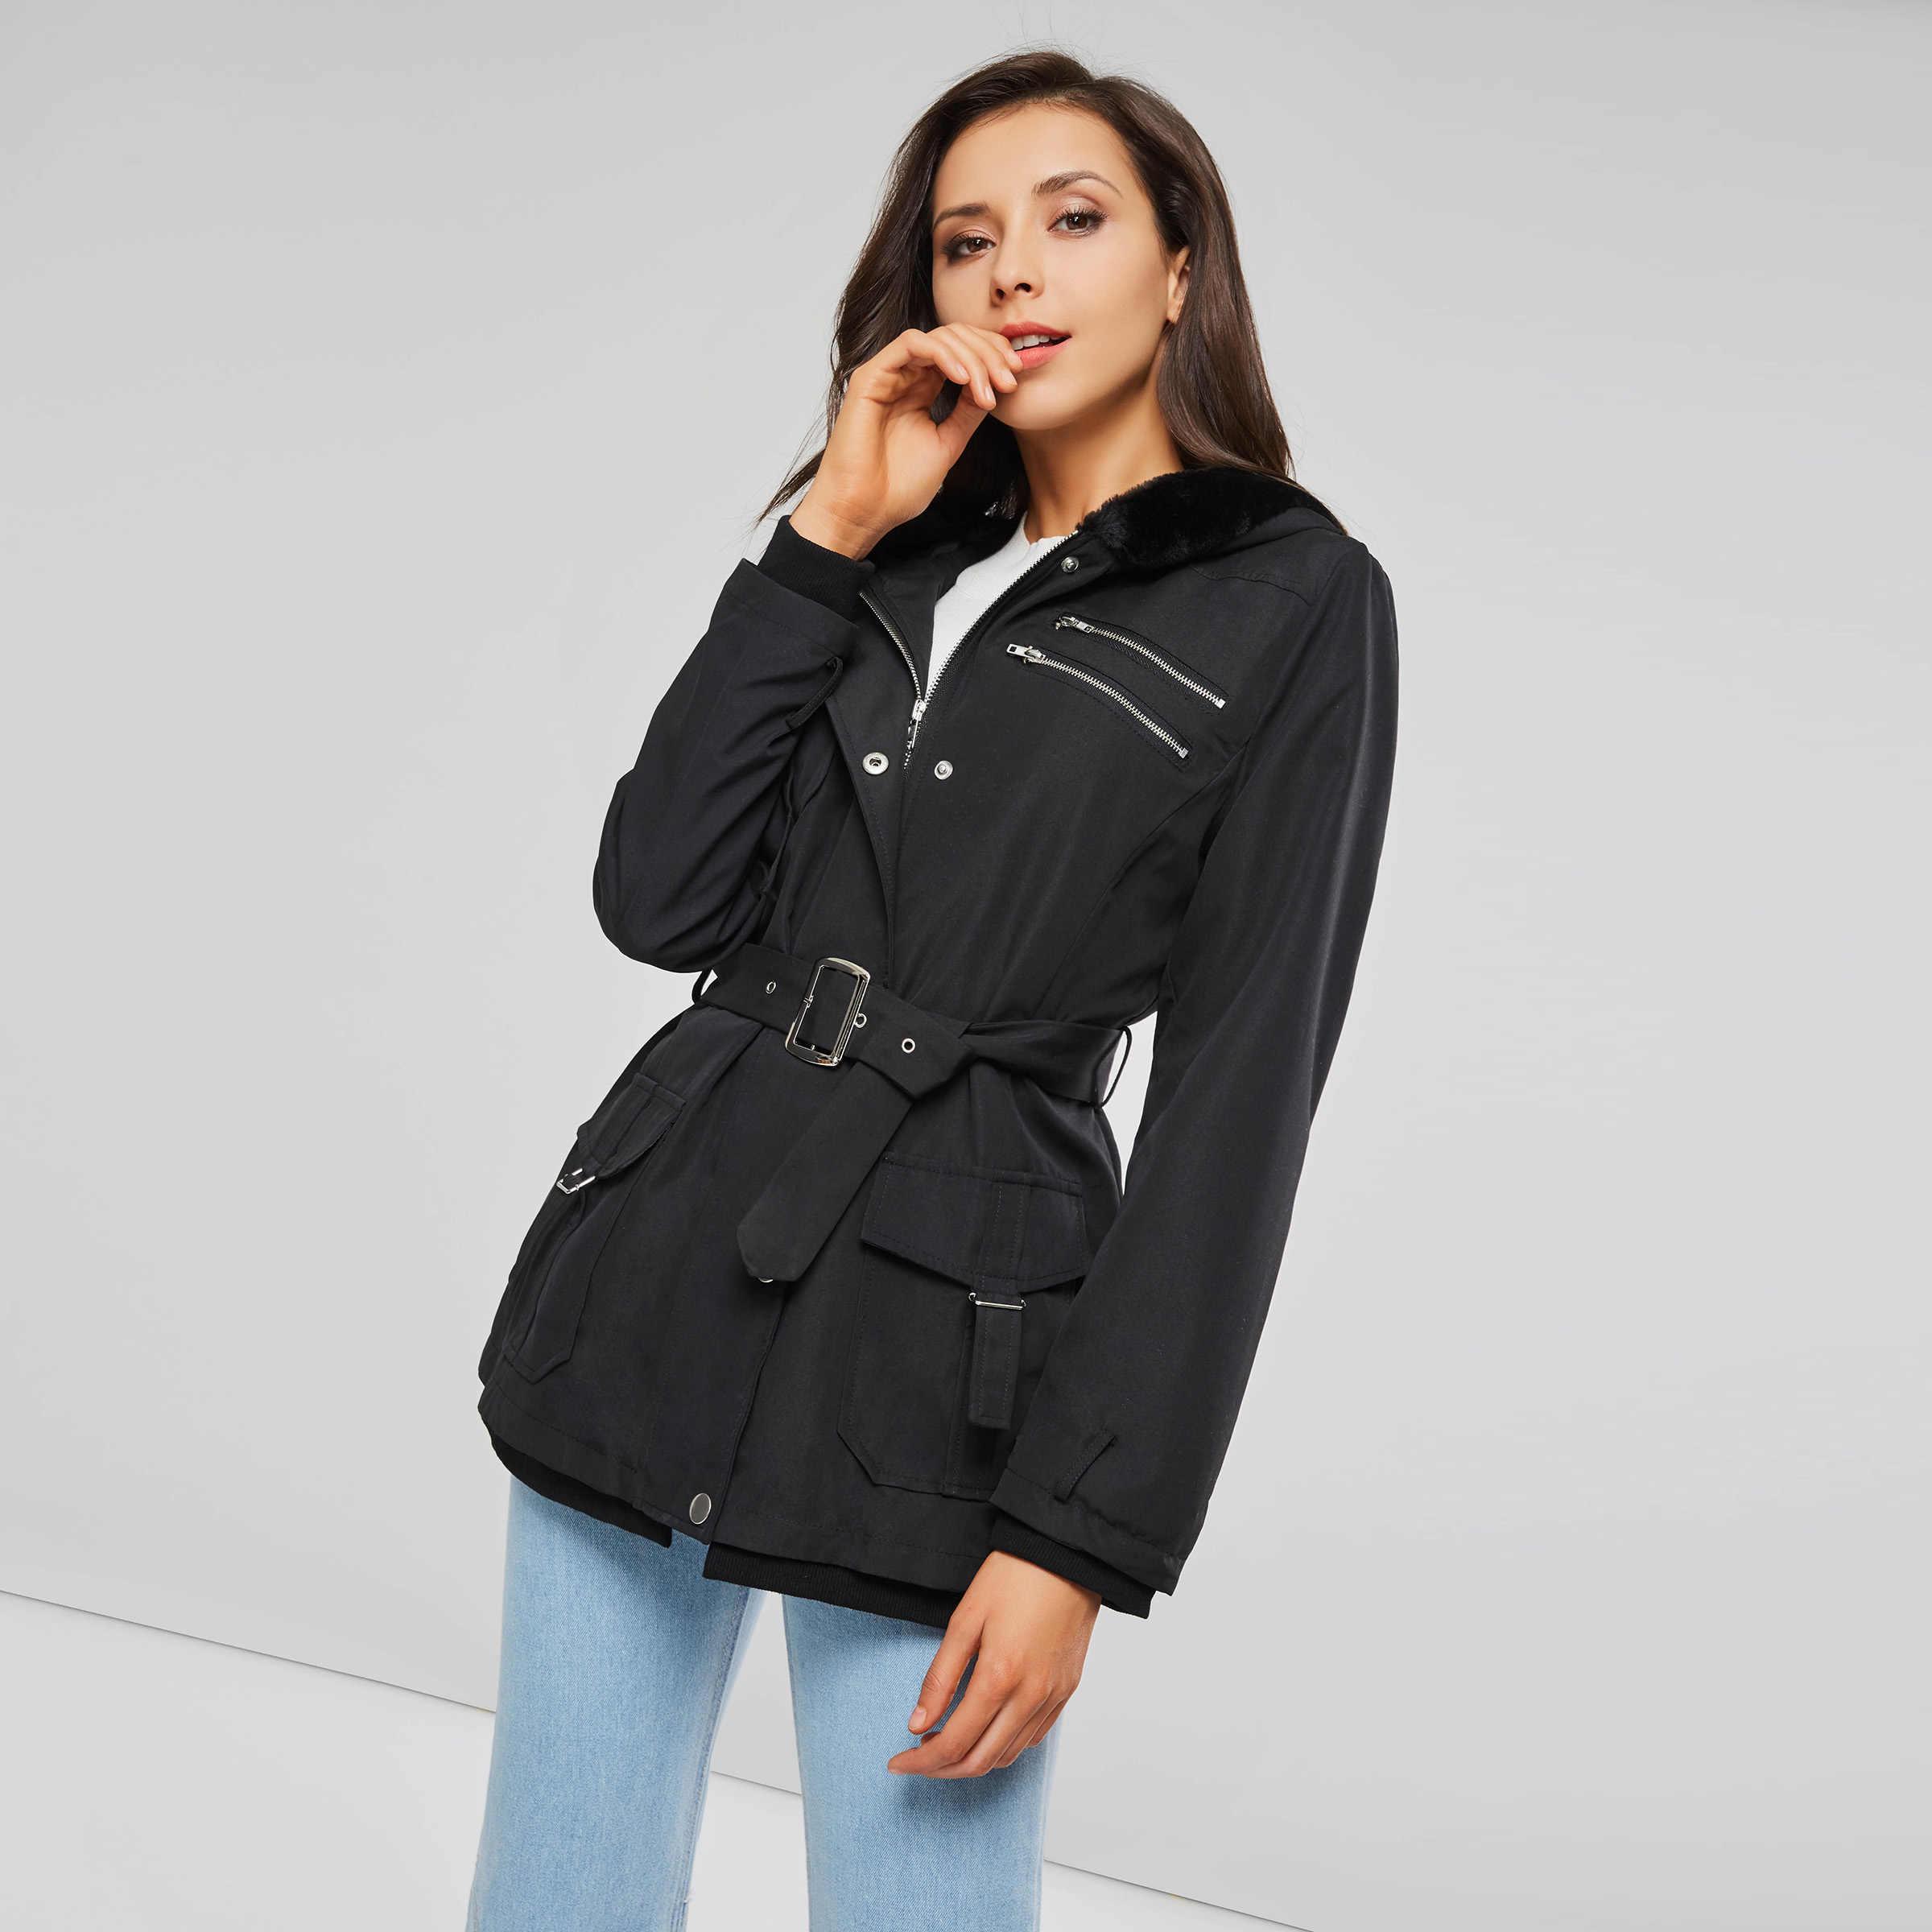 Черные женские пальто, повседневная куртка с капюшоном, пальто, модные, простые, уличные, тонкие, 2018, зимние, теплые, утолщенные, базовые Топы для женщин